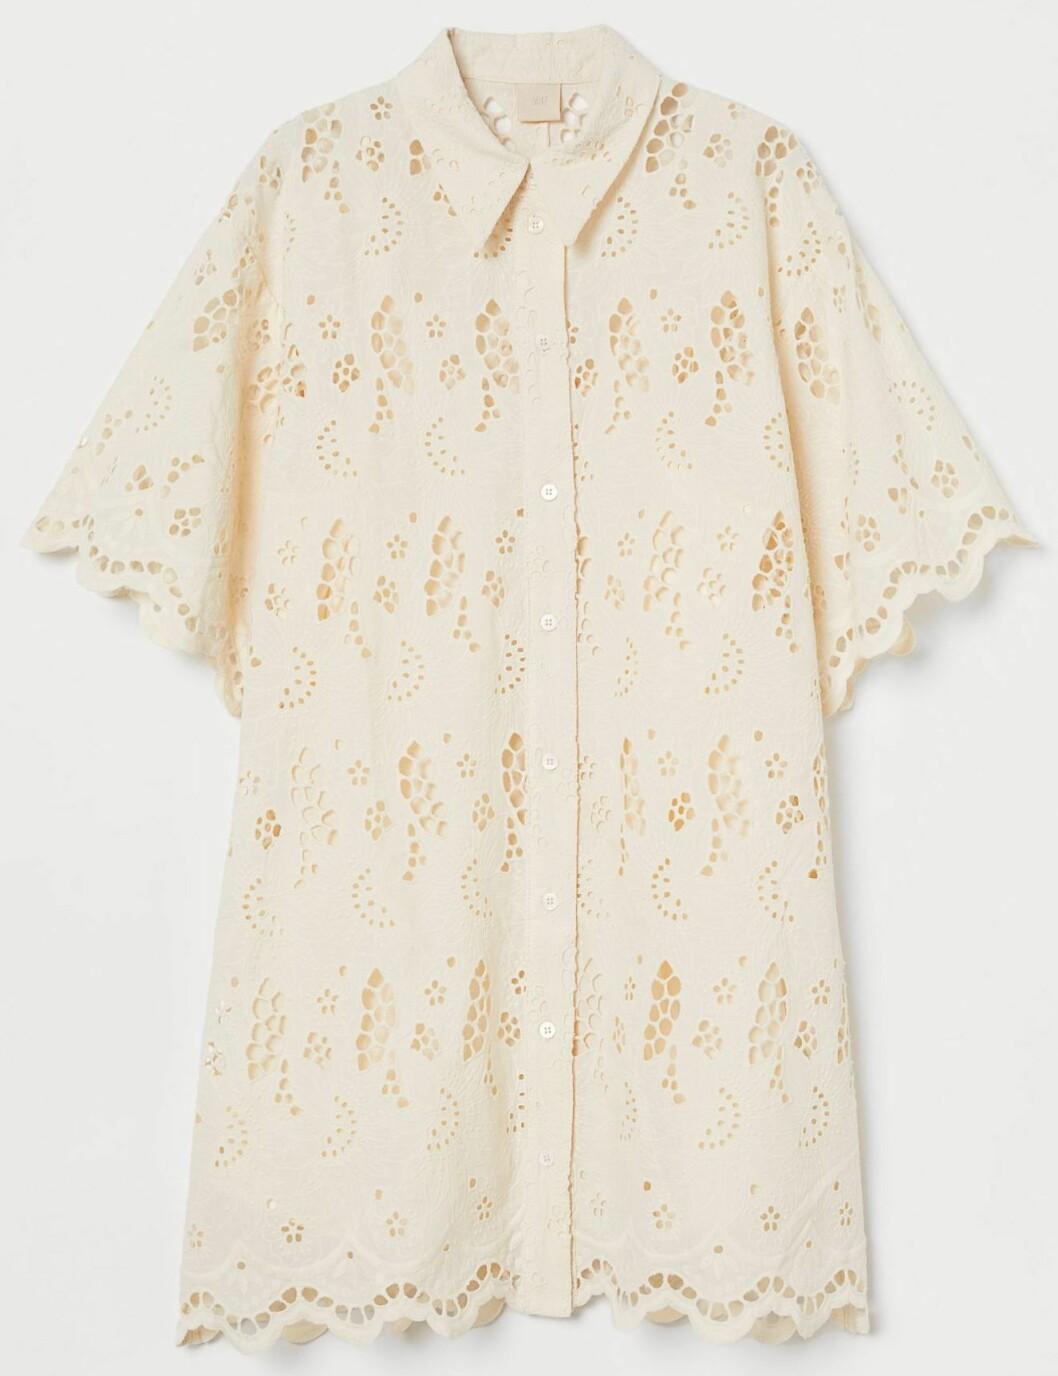 kort klänning från H&m med broderi.